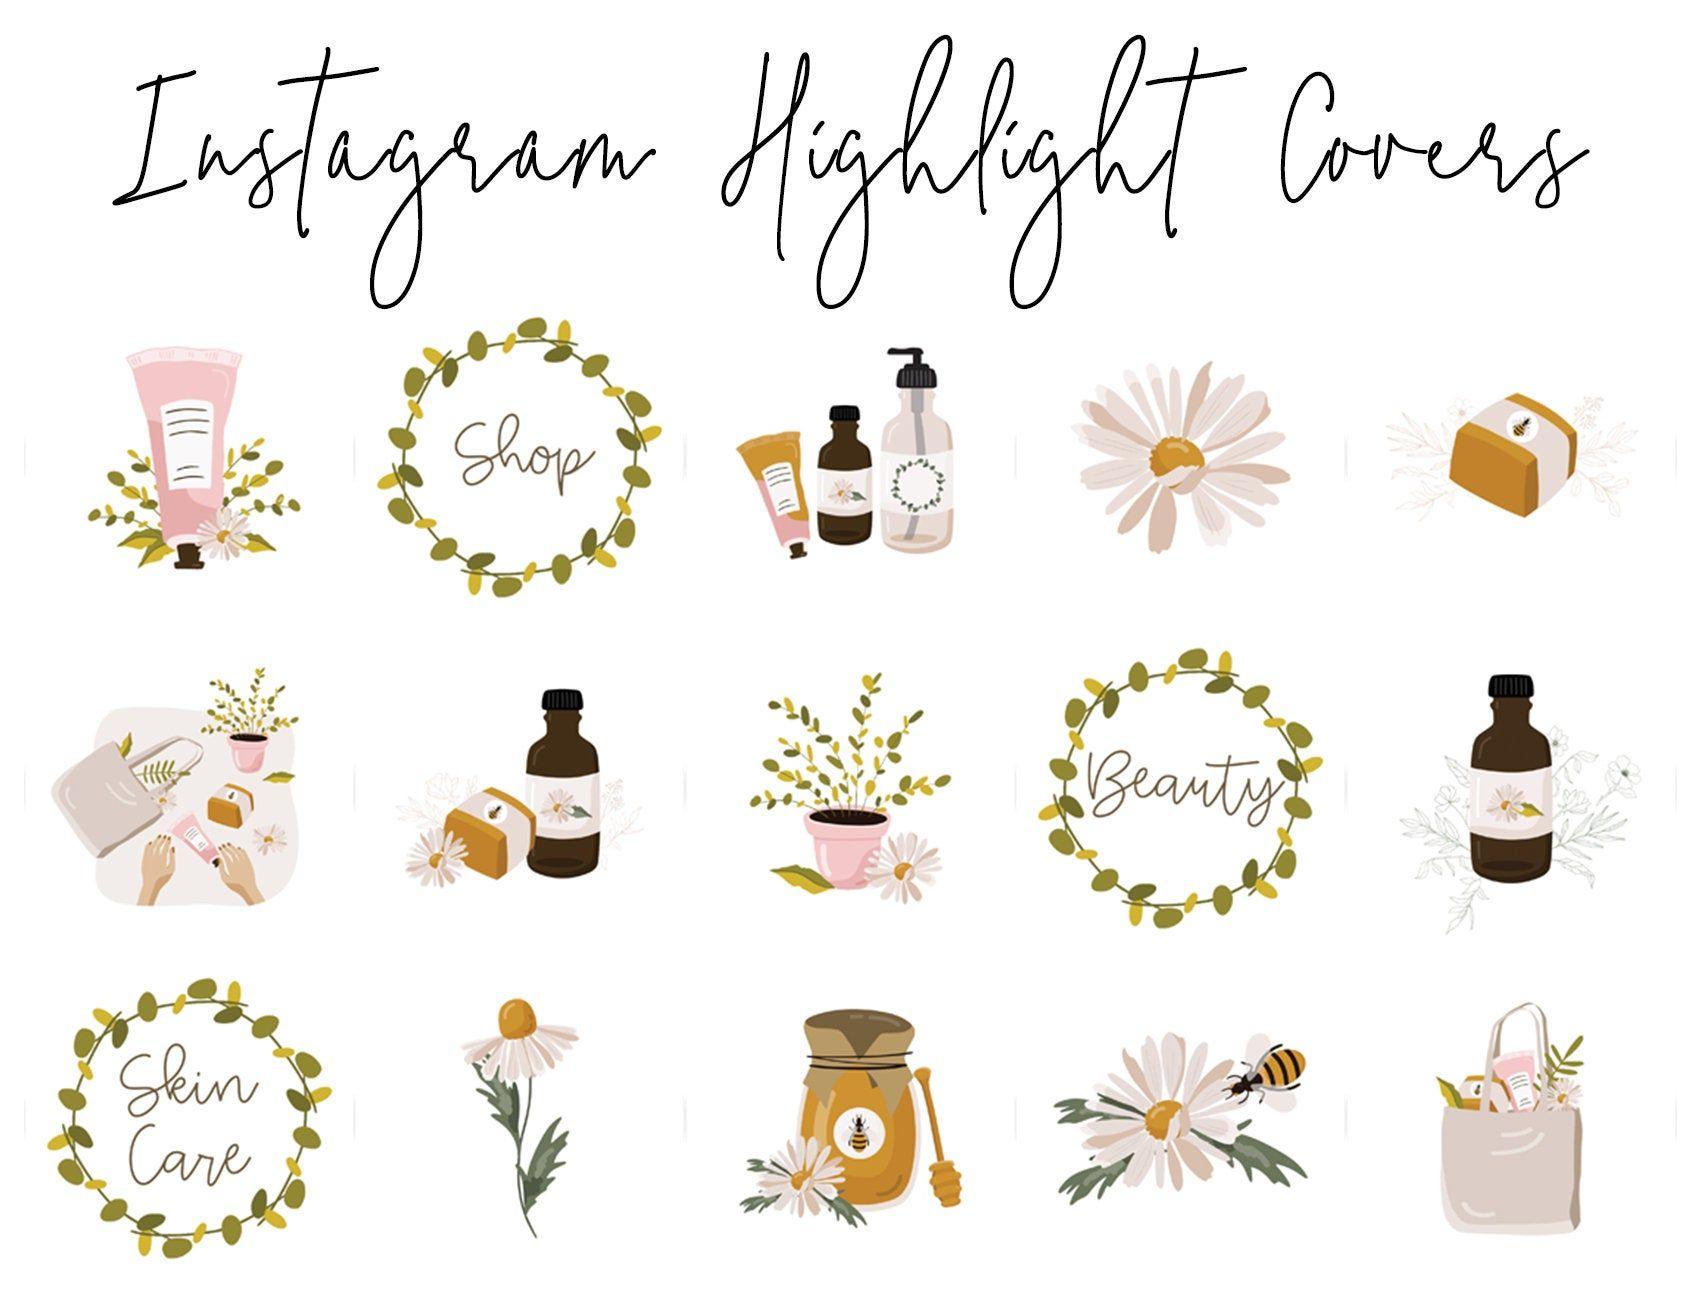 Instagram Story Highlight Icons 16 Botanical Beauty Skincare Covers Instagram Highlight Covers Social Media Icons Blog Branding Kit Blog Branding Kit Blog Branding Branding Kit